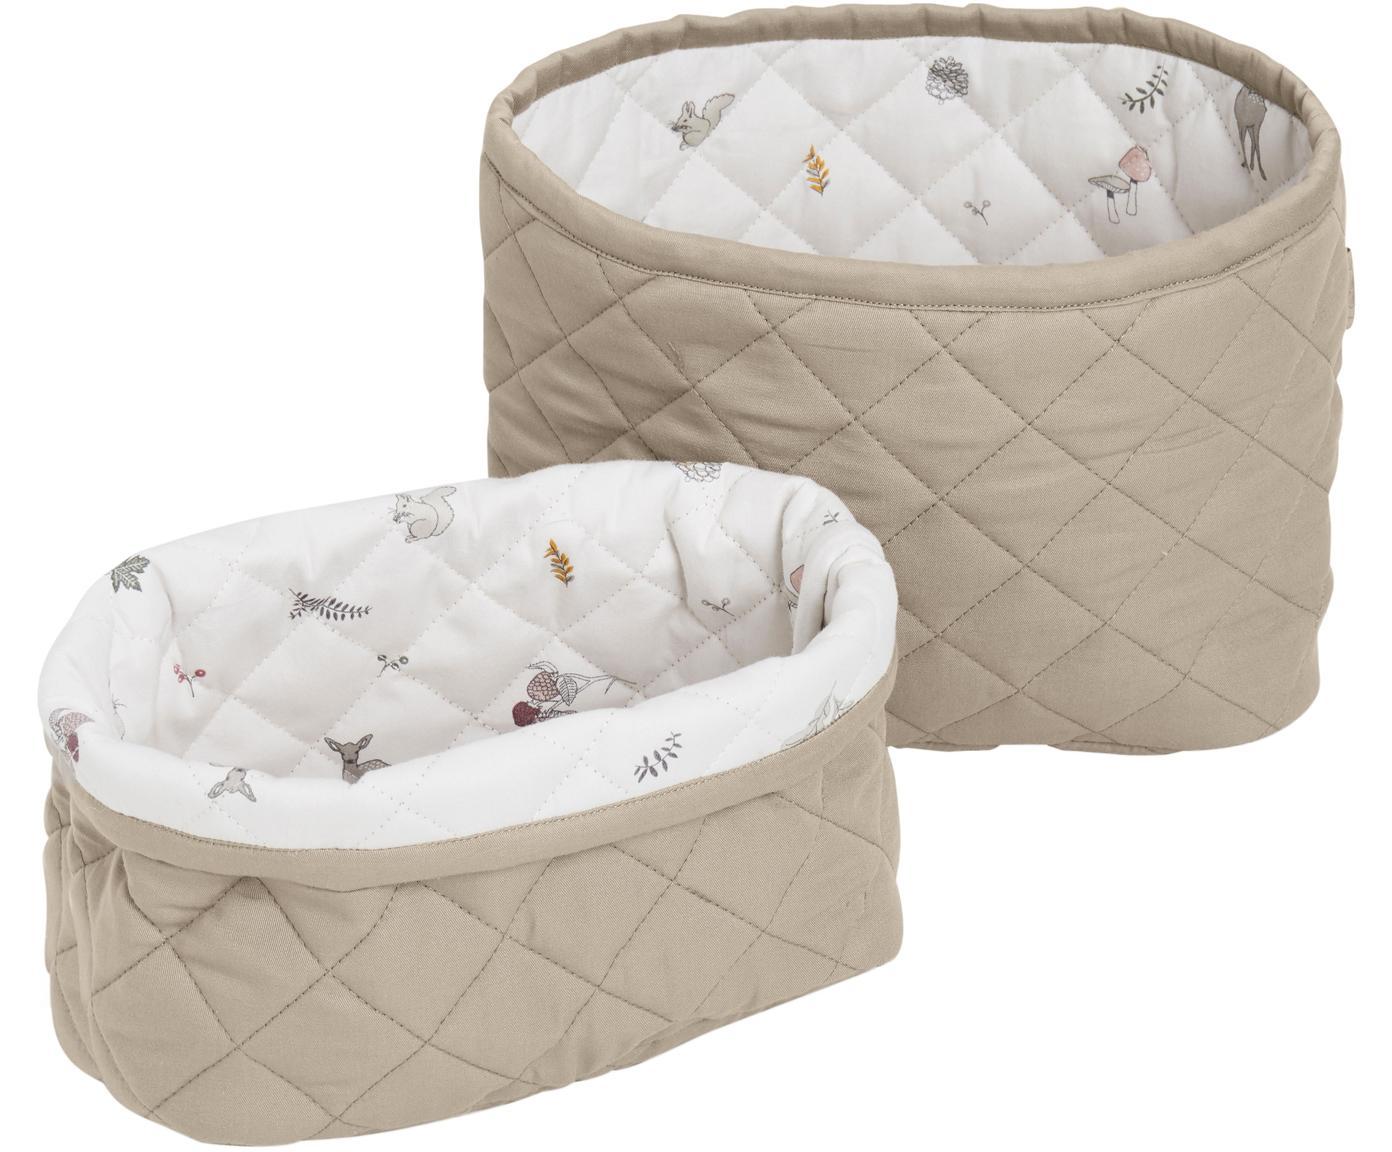 Aufbewahrungskörbe-Set Fawn aus Bio-Baumwolle, 2-tlg., Bezug: Bio-Baumwolle, Weiß, Braun, Beige, Sondergrößen